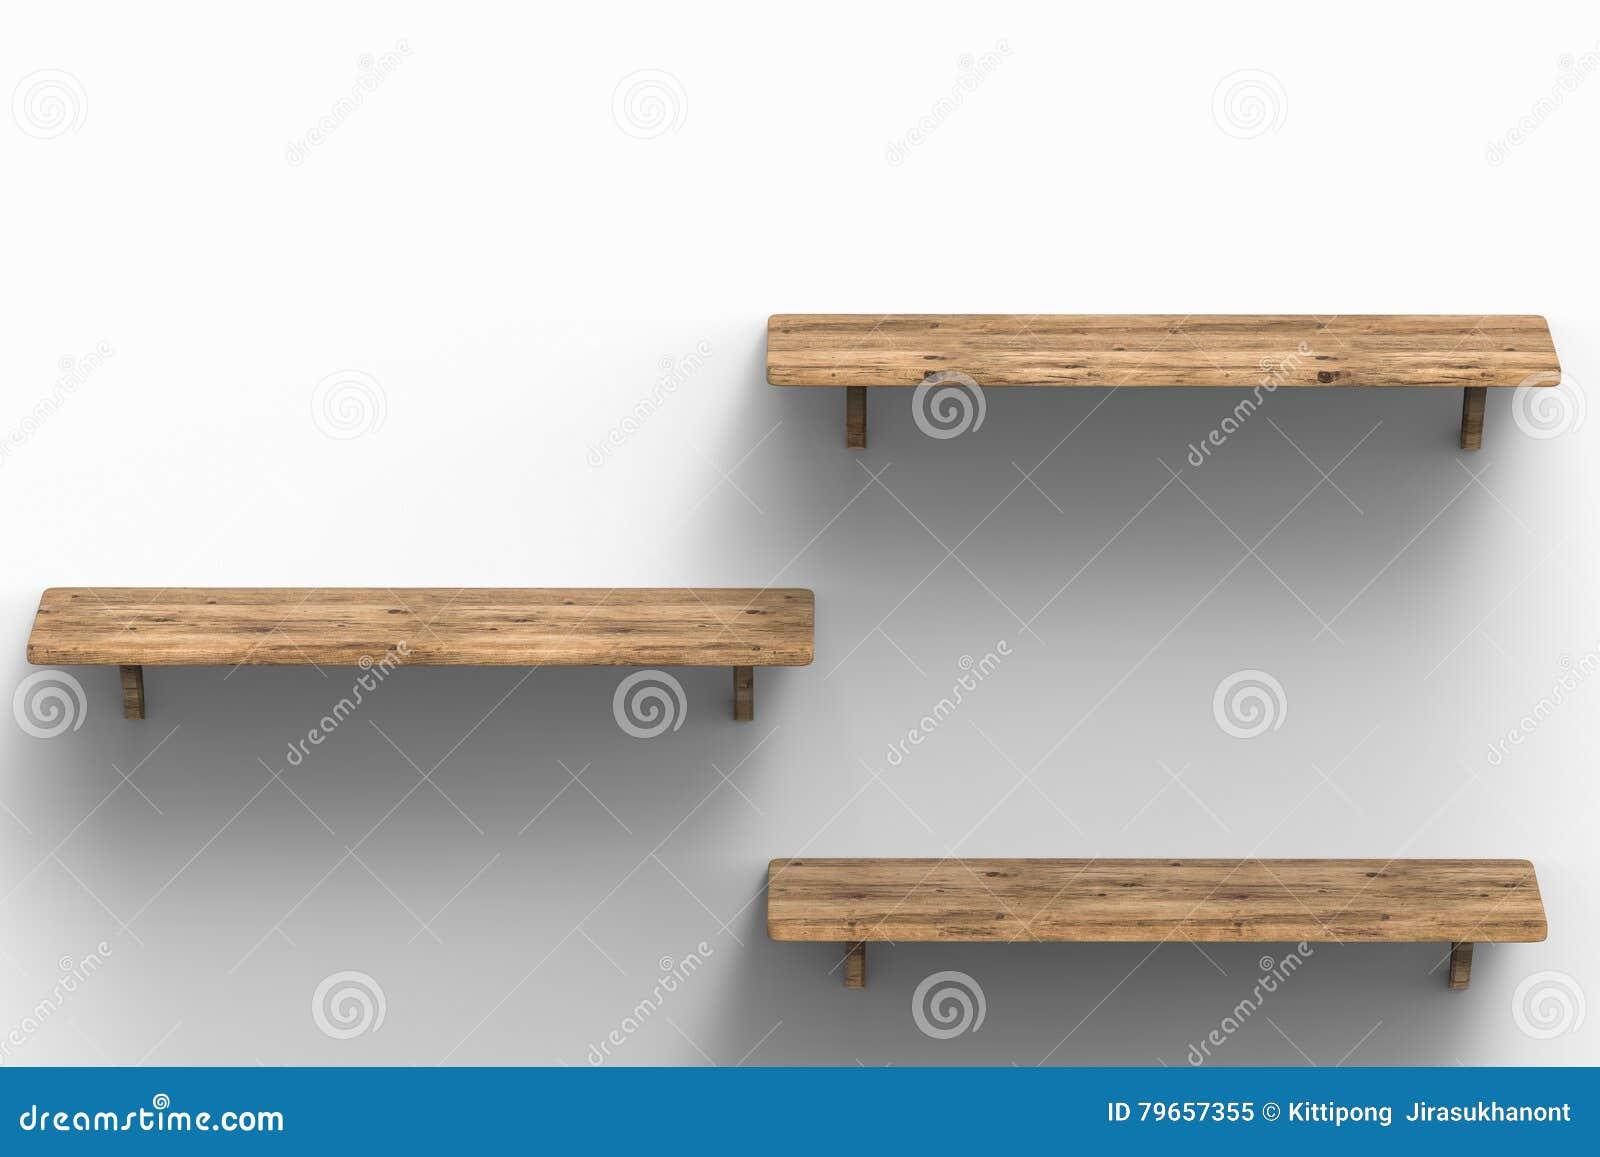 Houten Planken Aan De Muur.Drie Houten Planken Op Muur Stock Illustratie Illustratie